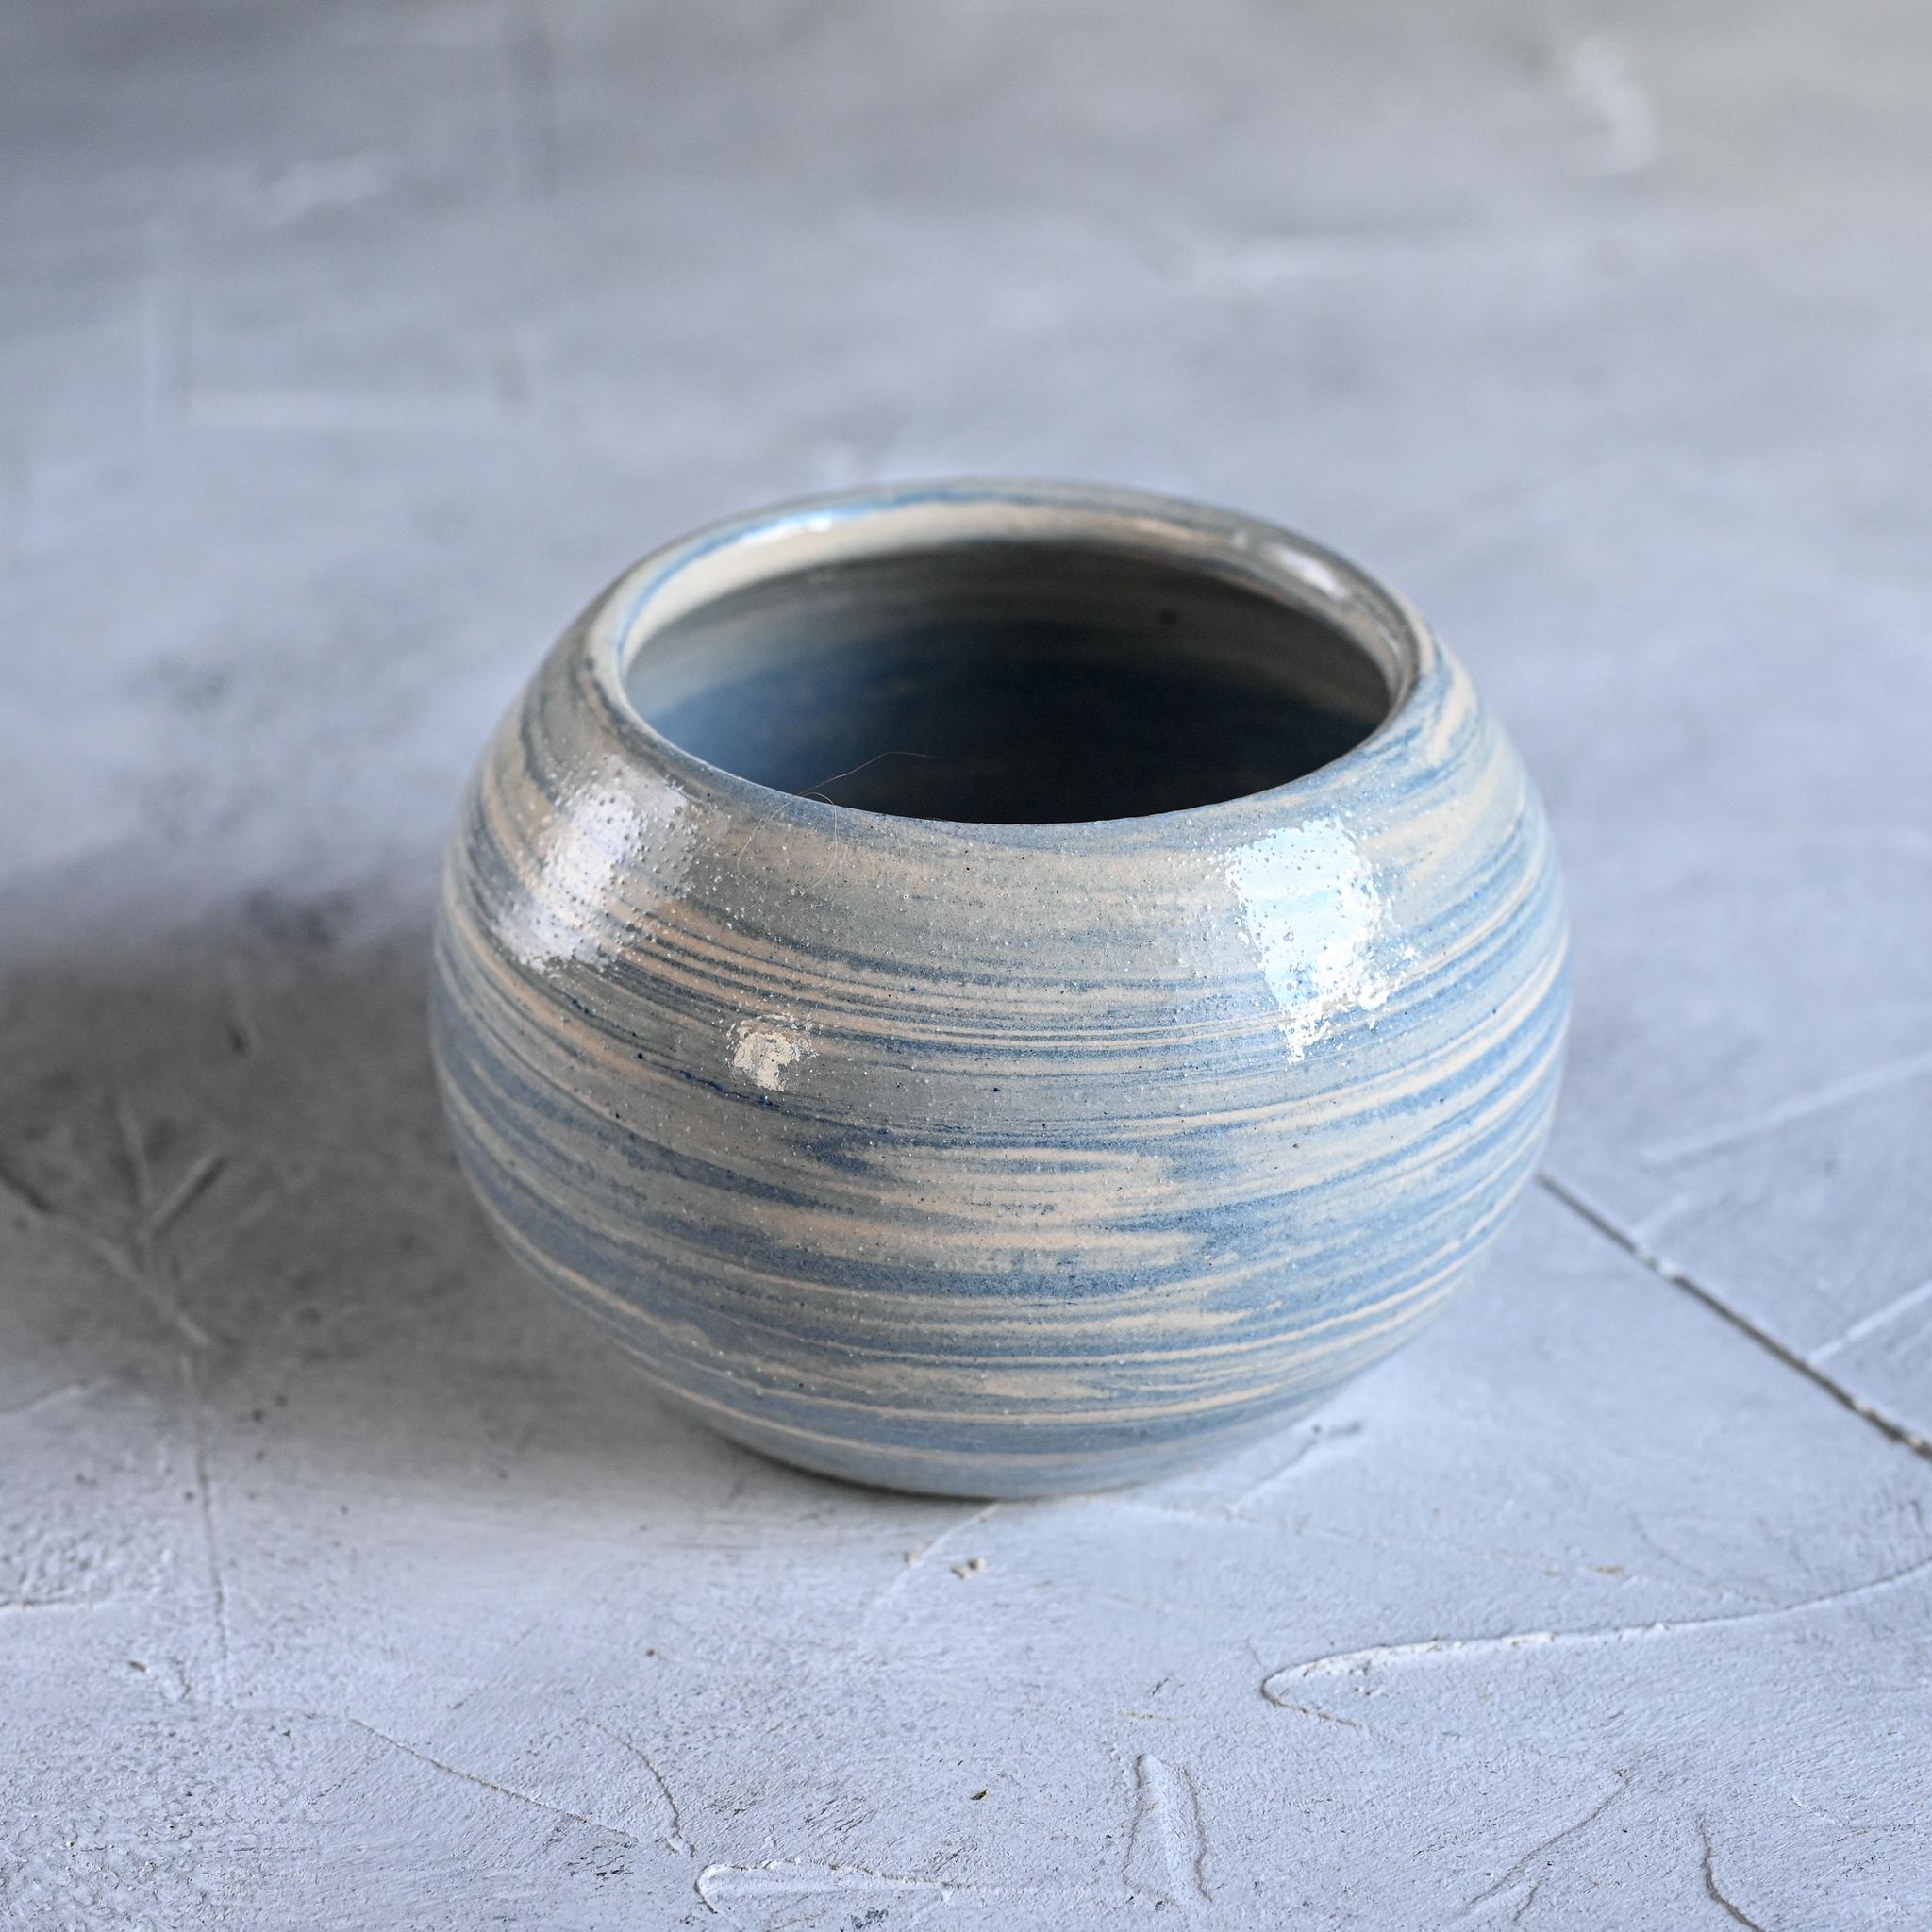 картинка Керамическая ваза в технике нерияги - DishWishes.Ru